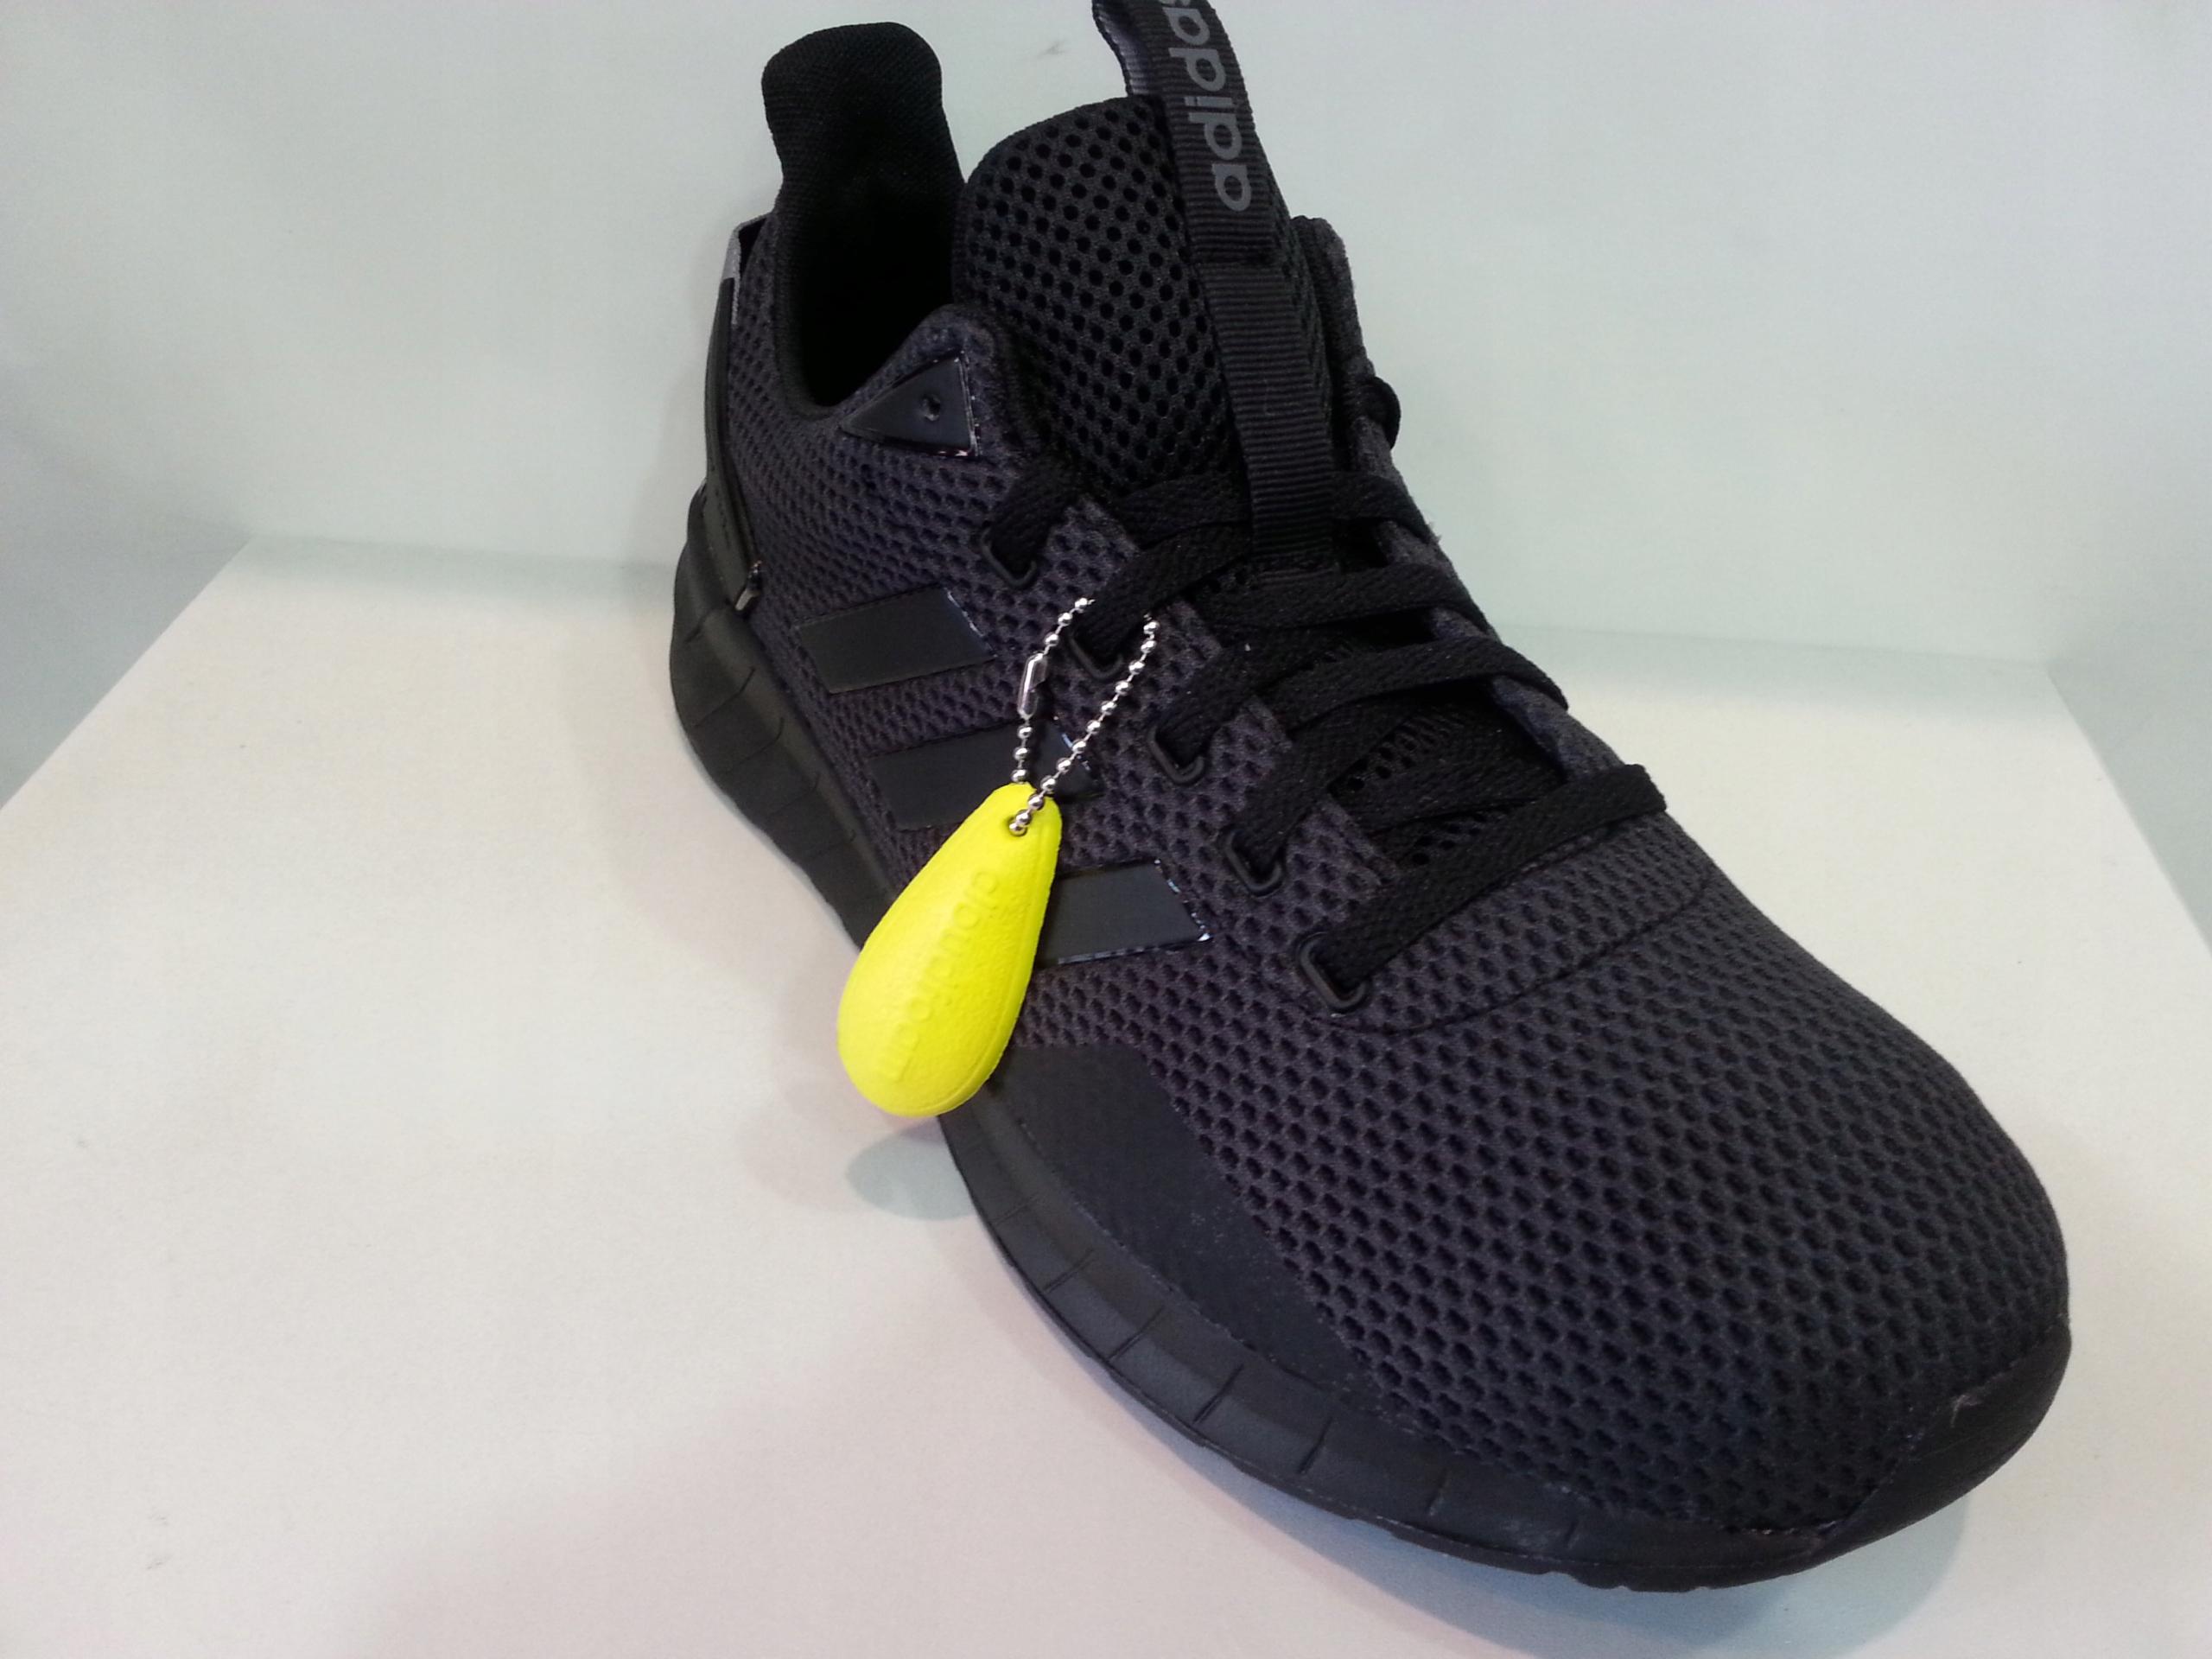 hacer un pedido ofertas exclusivas zapatillas ADIDAS QUESTAR RIDE INDEX: B44806 R42 7955680930 - Allegro.pl